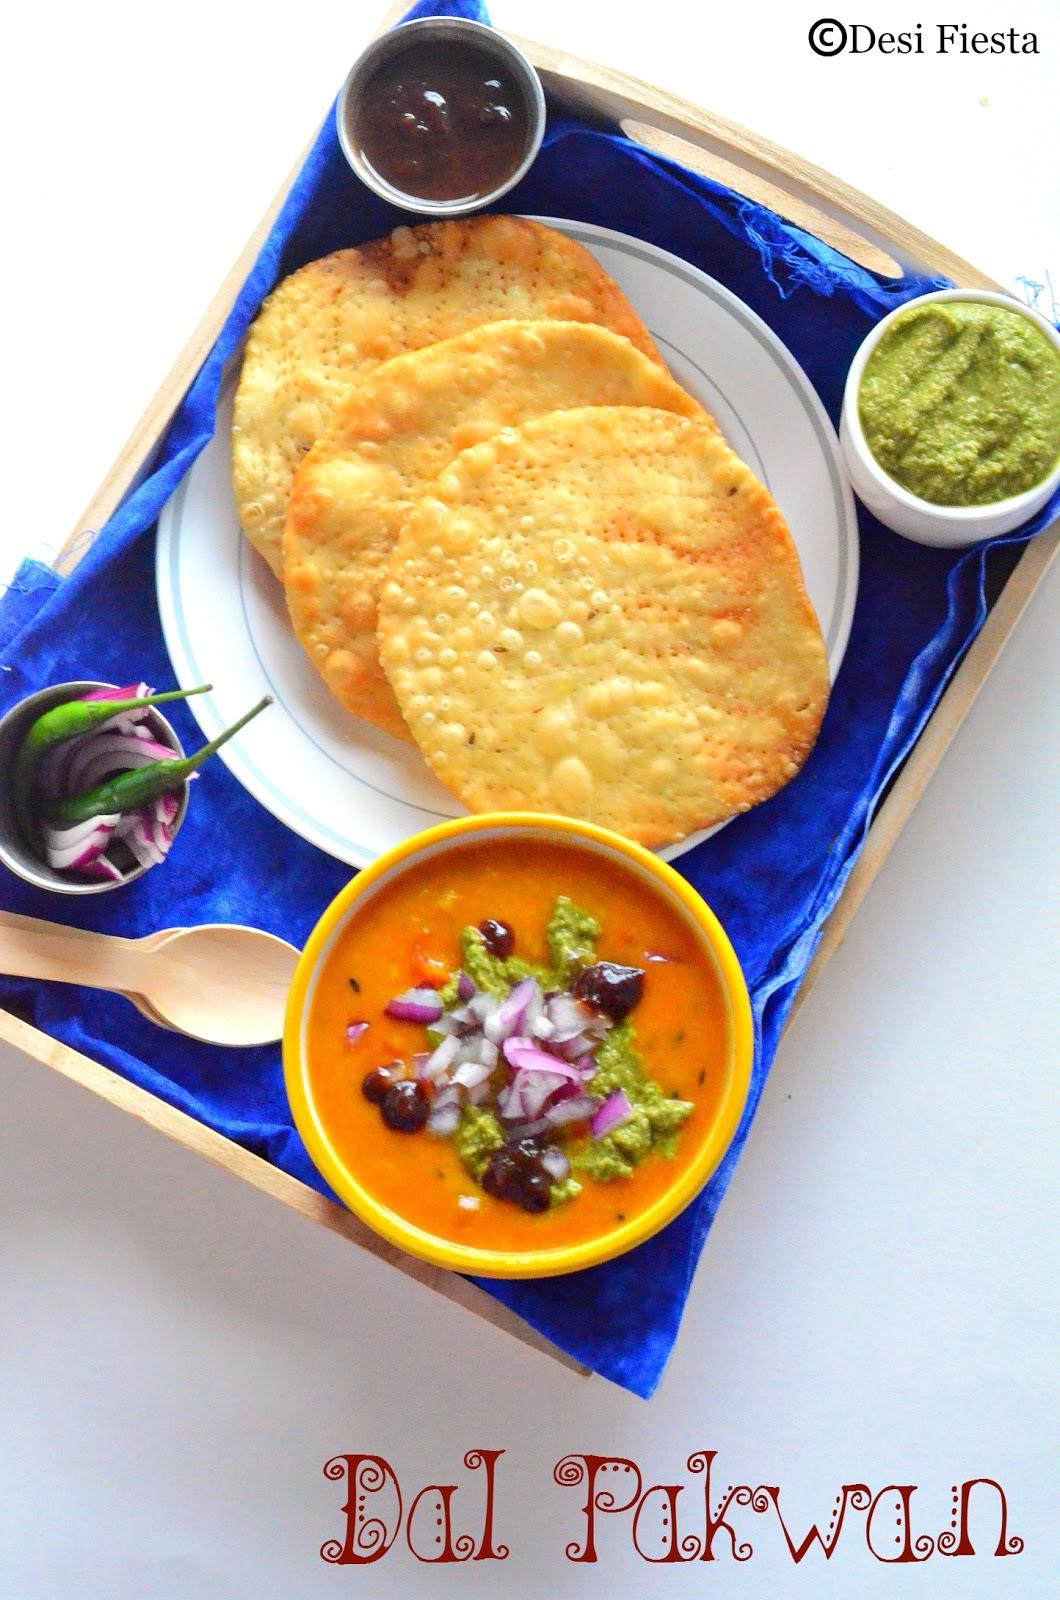 Sindhi Cuisine recipes